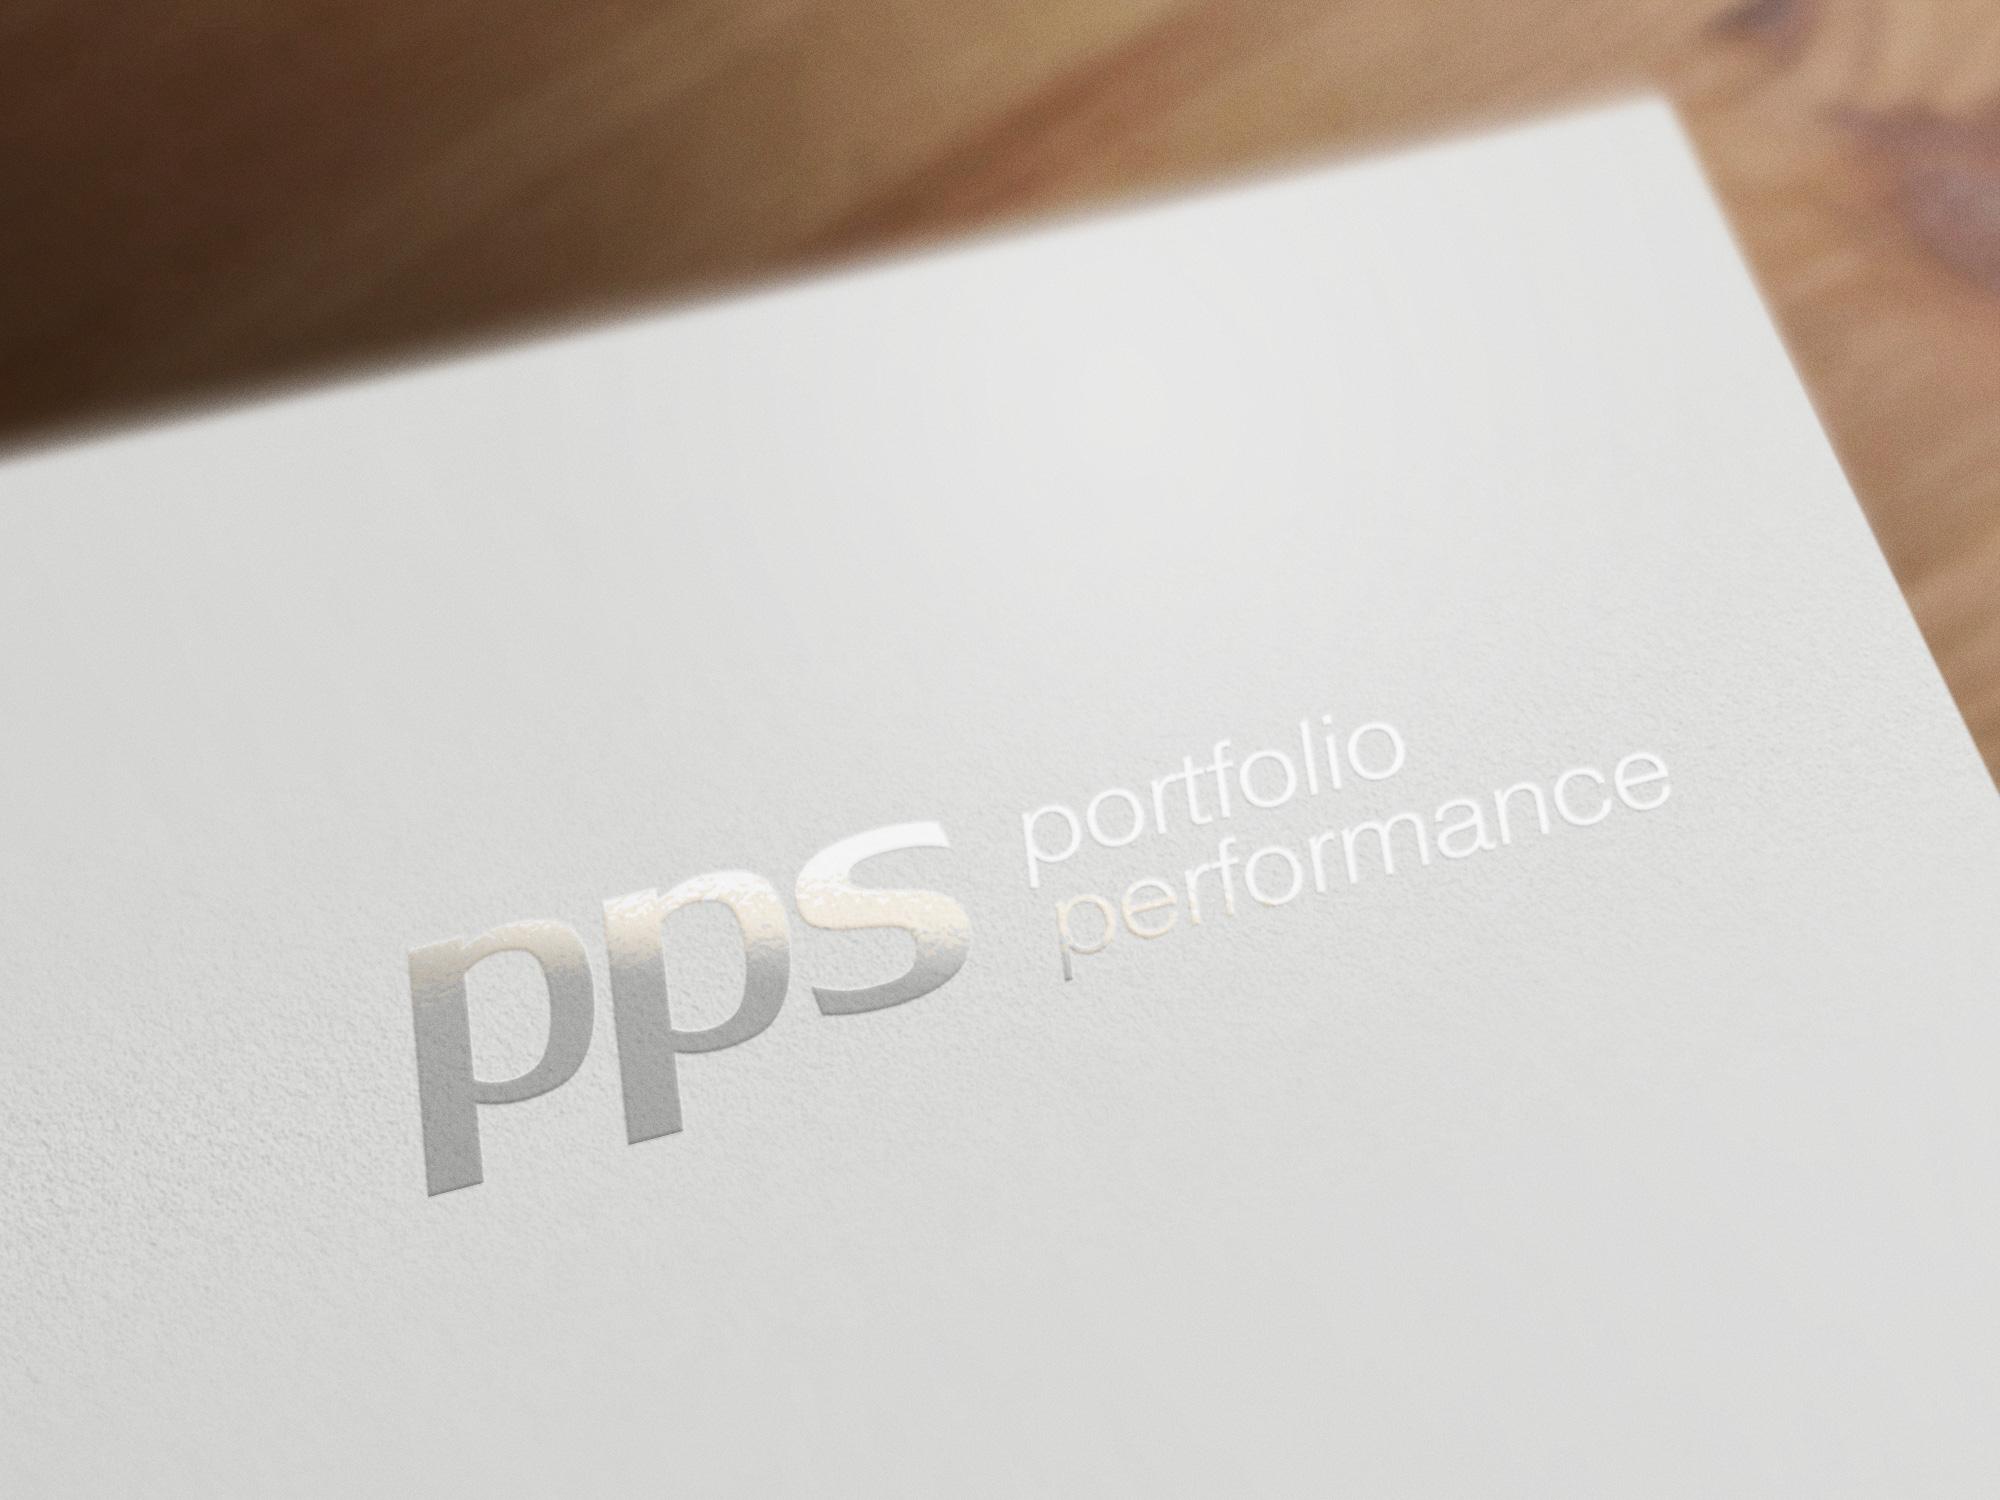 LogoMockup_PPS